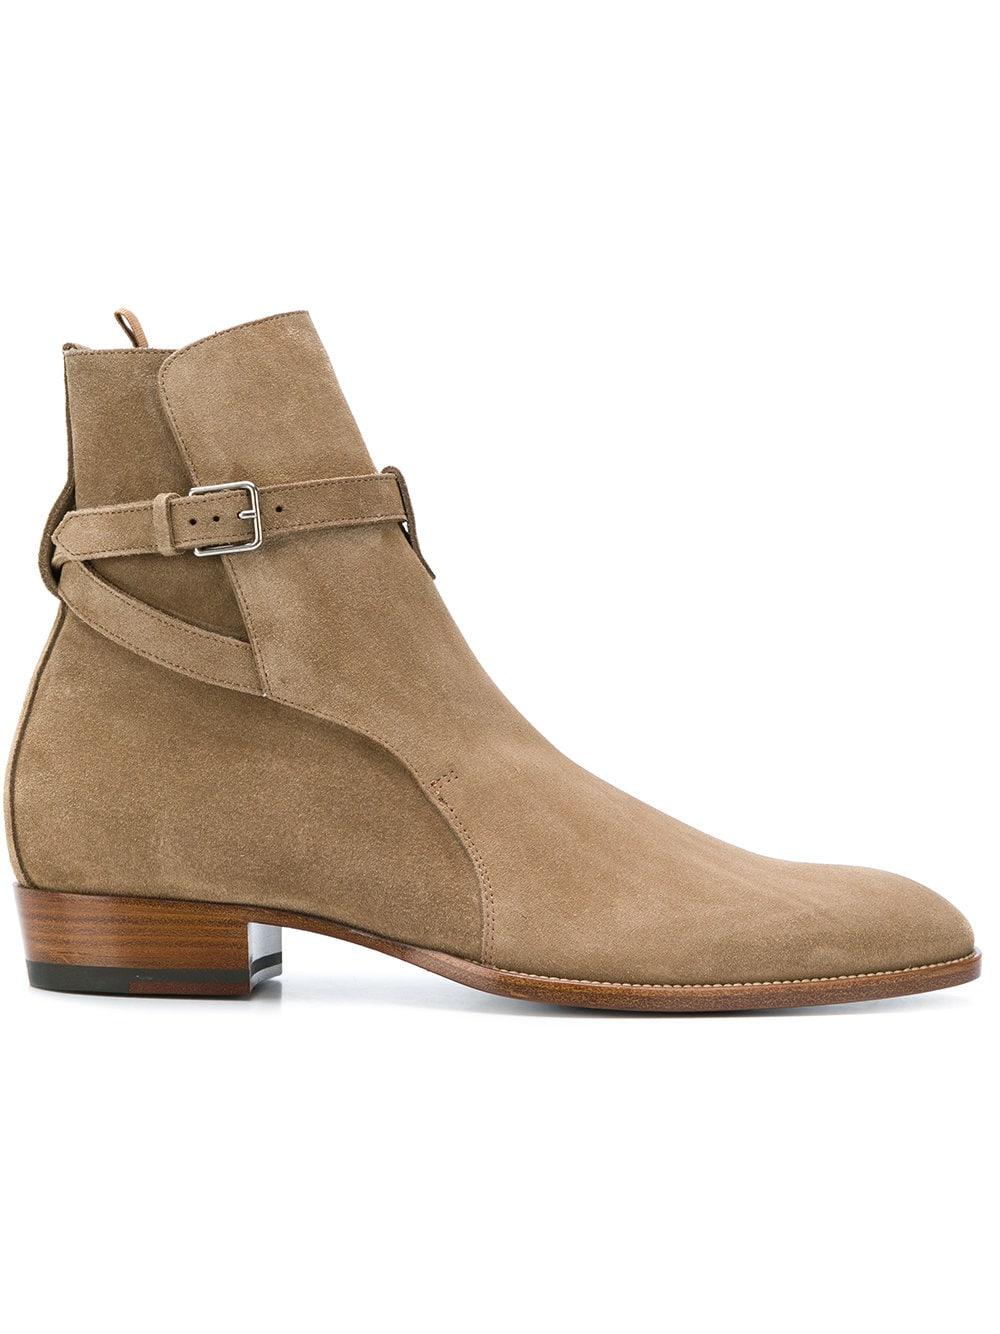 boots saint laurent wyatt-lesthete lille.jpg